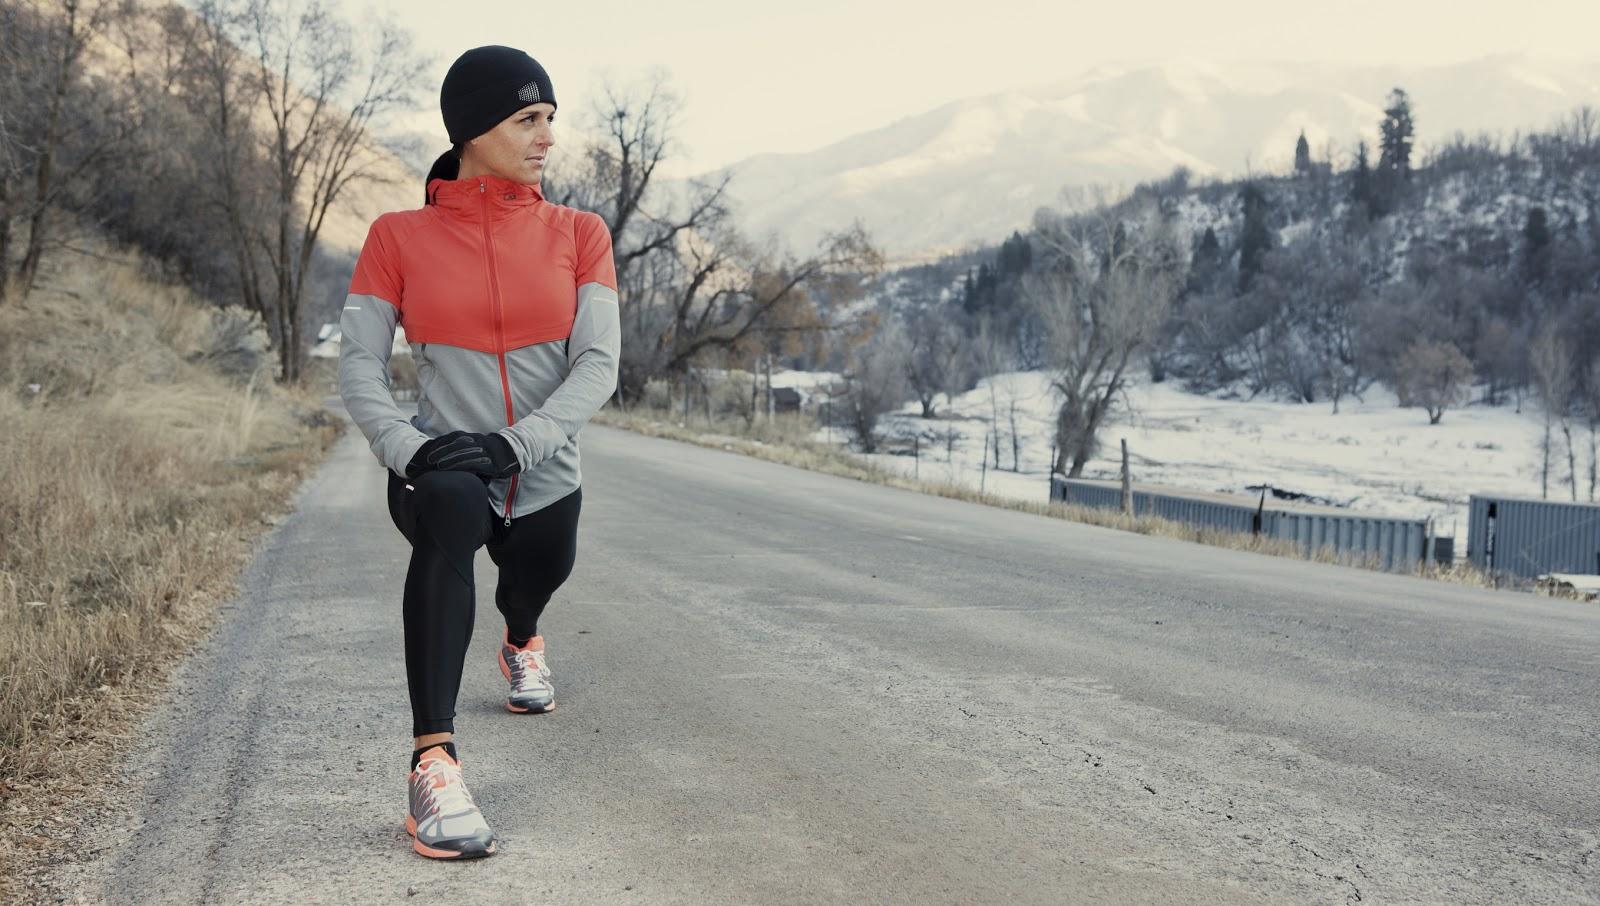 Προϋποθέσεις για αποτελεσματική χειμερινή άσκηση